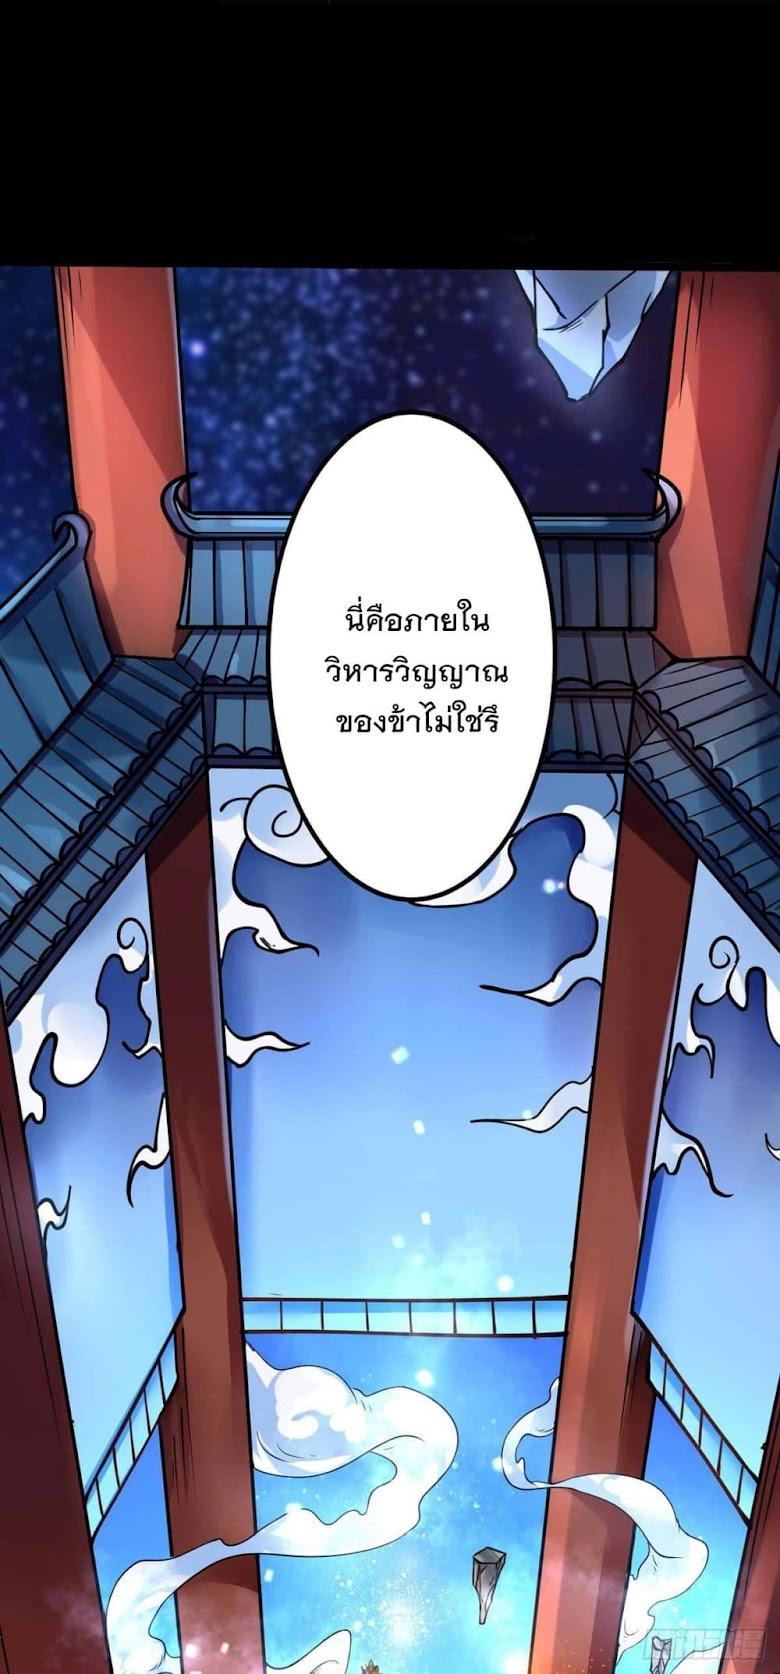 Danwu Supreme - หน้า 2